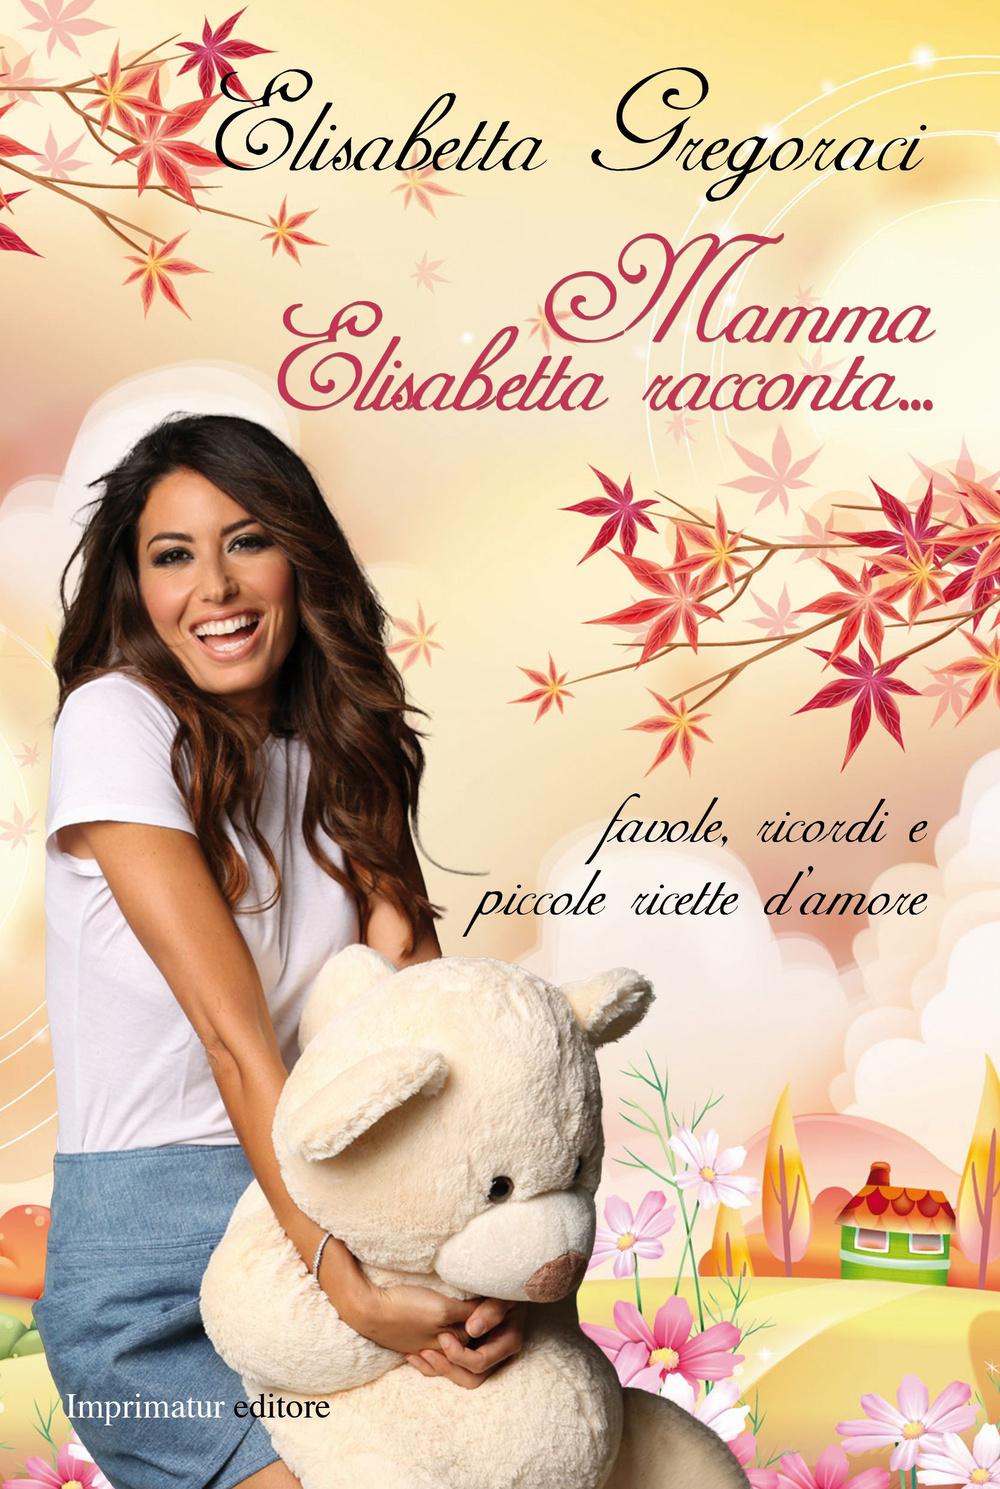 MAMMA ELISABETTA RACCONTA... FAVOLE, RICORDI E PICCOLE RICETTE D'AMORE. EDIZ. ILLUSTRATA - 9788868302092